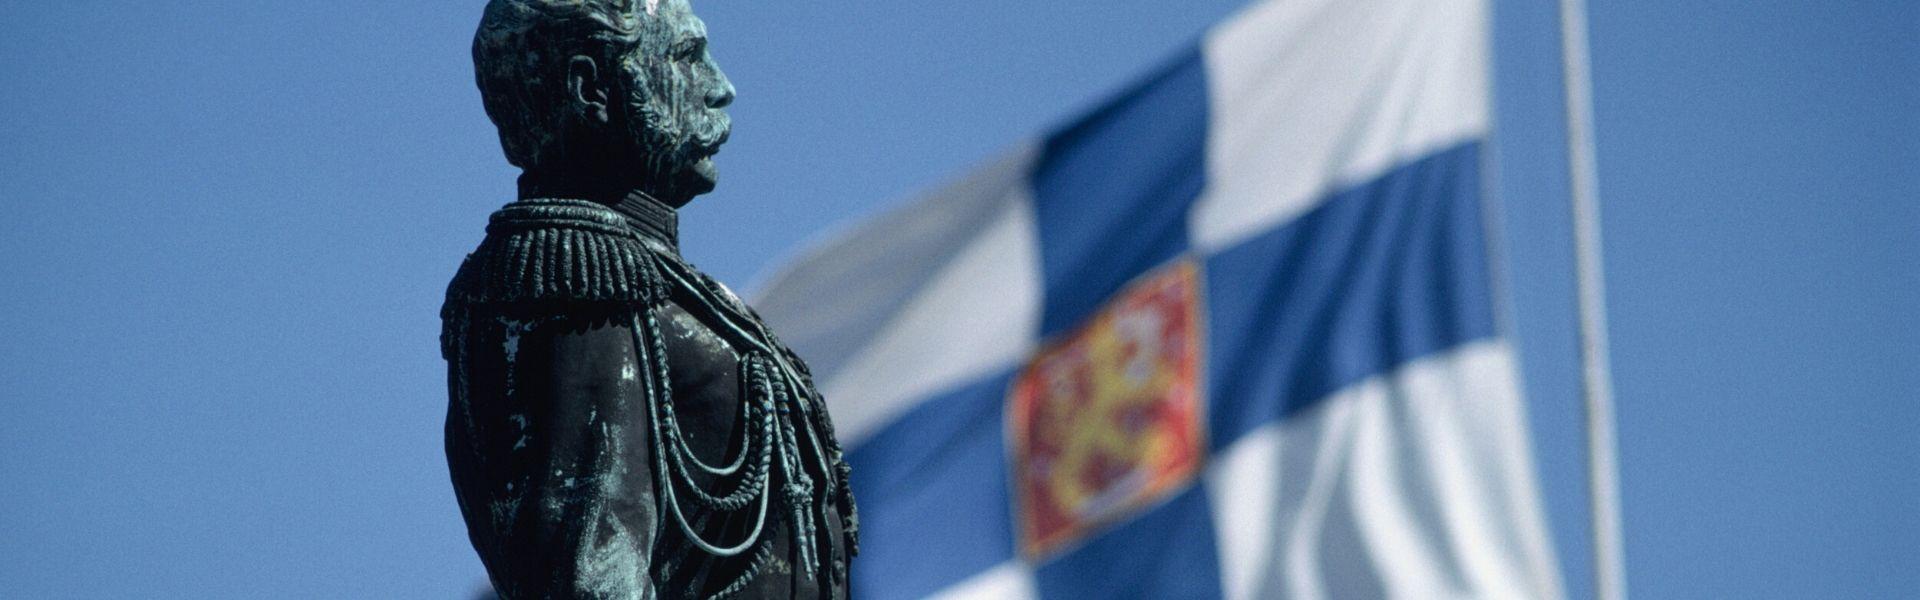 Soome riigilipp ja riigimees